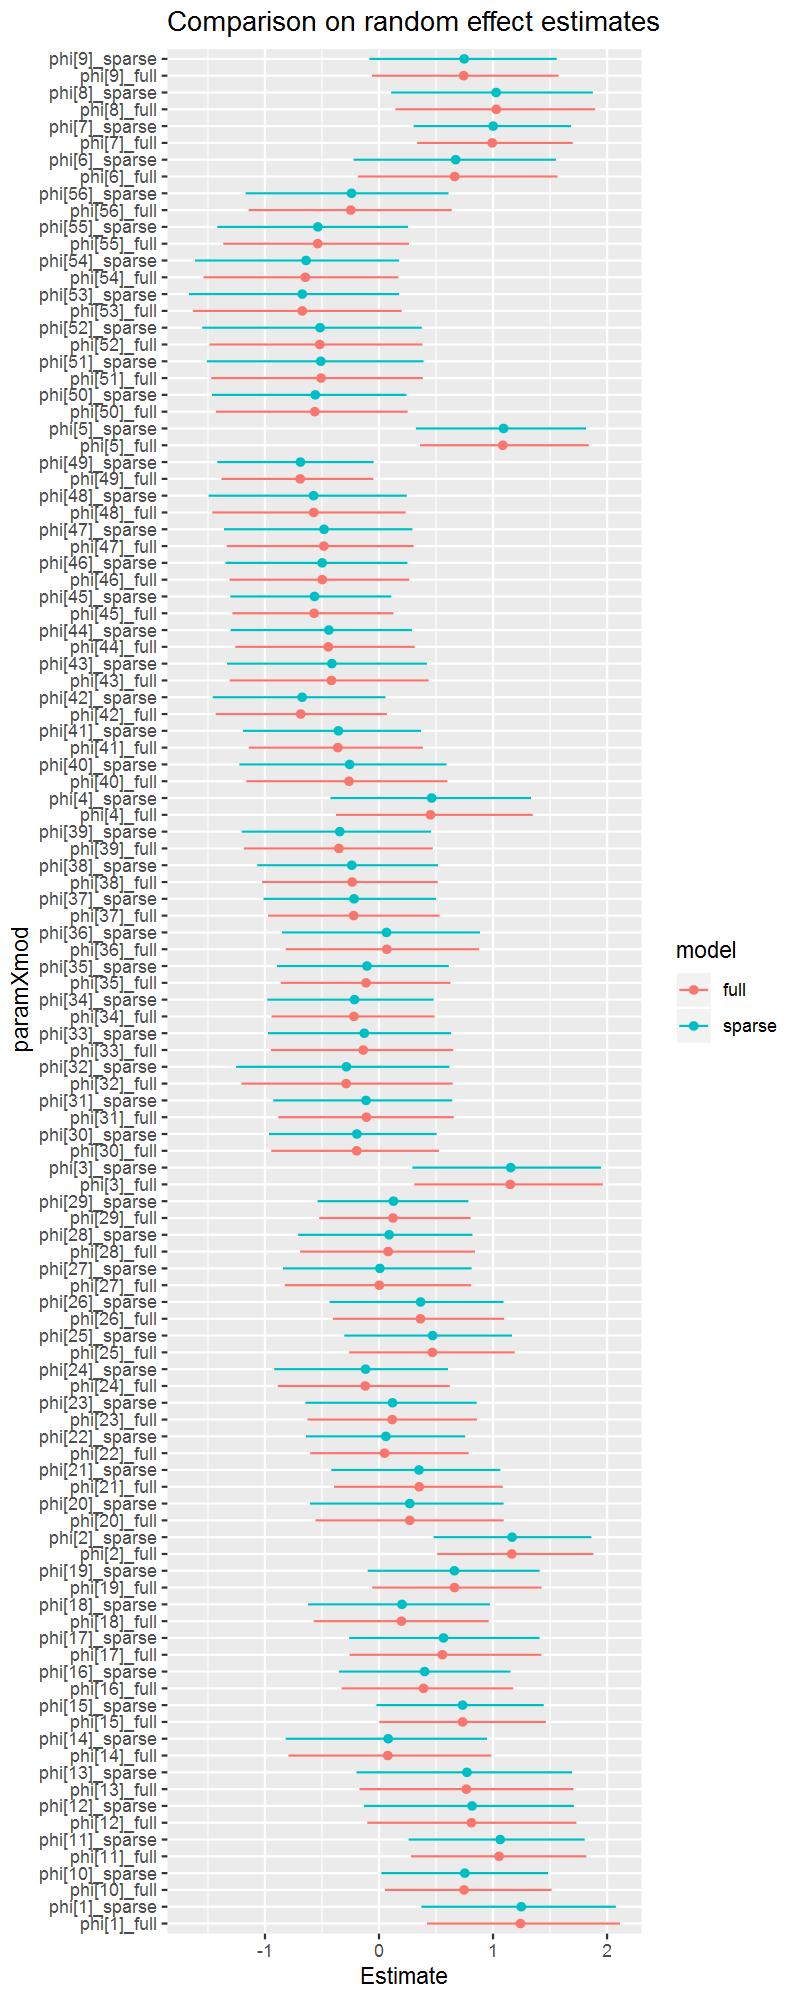 稀疏表示和精度矩阵表示的空间随机效应的估计结果比较